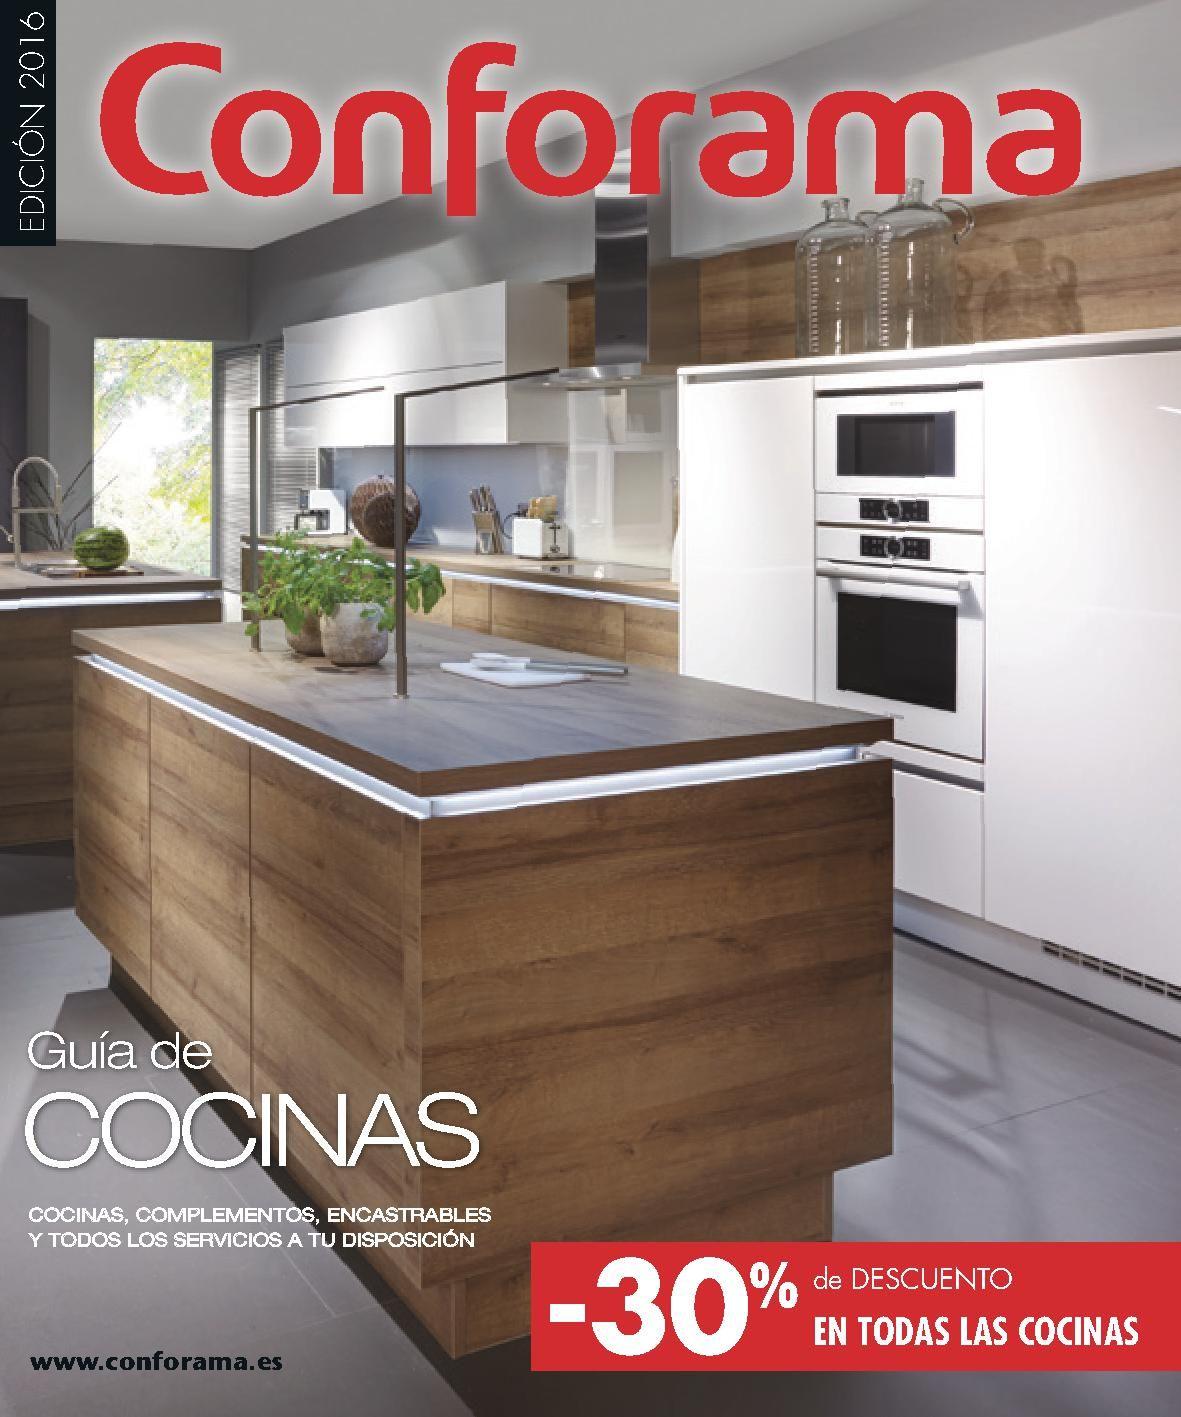 Cocinas Conforama 2018: precios ofertas | COCINA | Catalogo cocinas ...